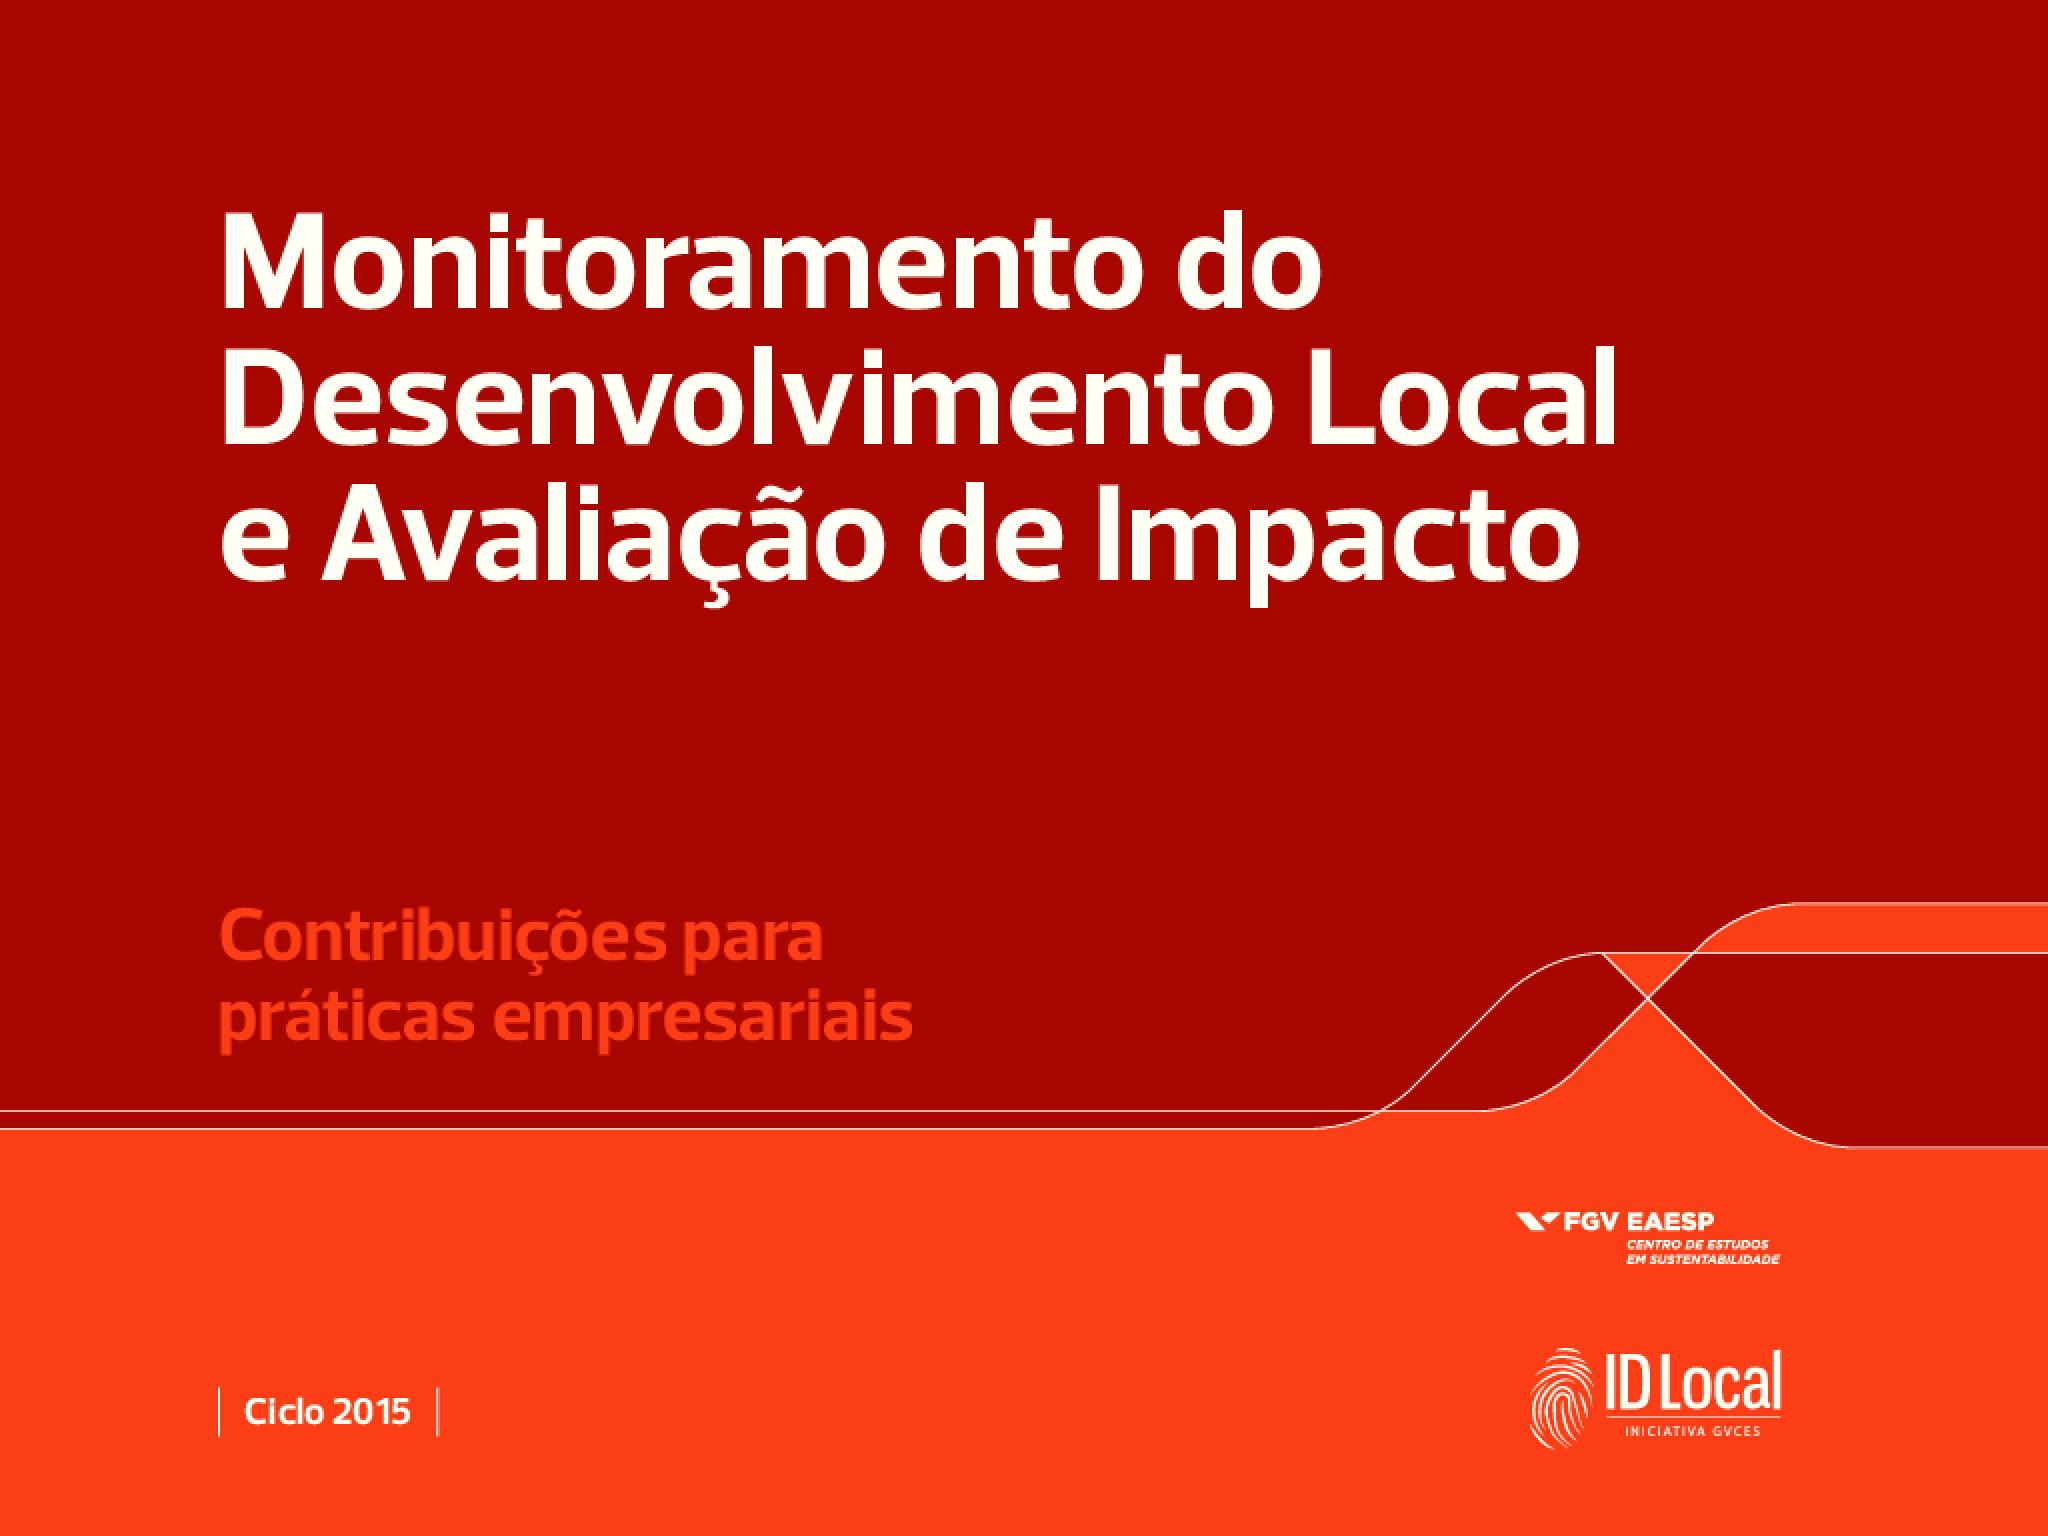 Monitoramento do Desenvolvimento Local e Avaliação de Impacto